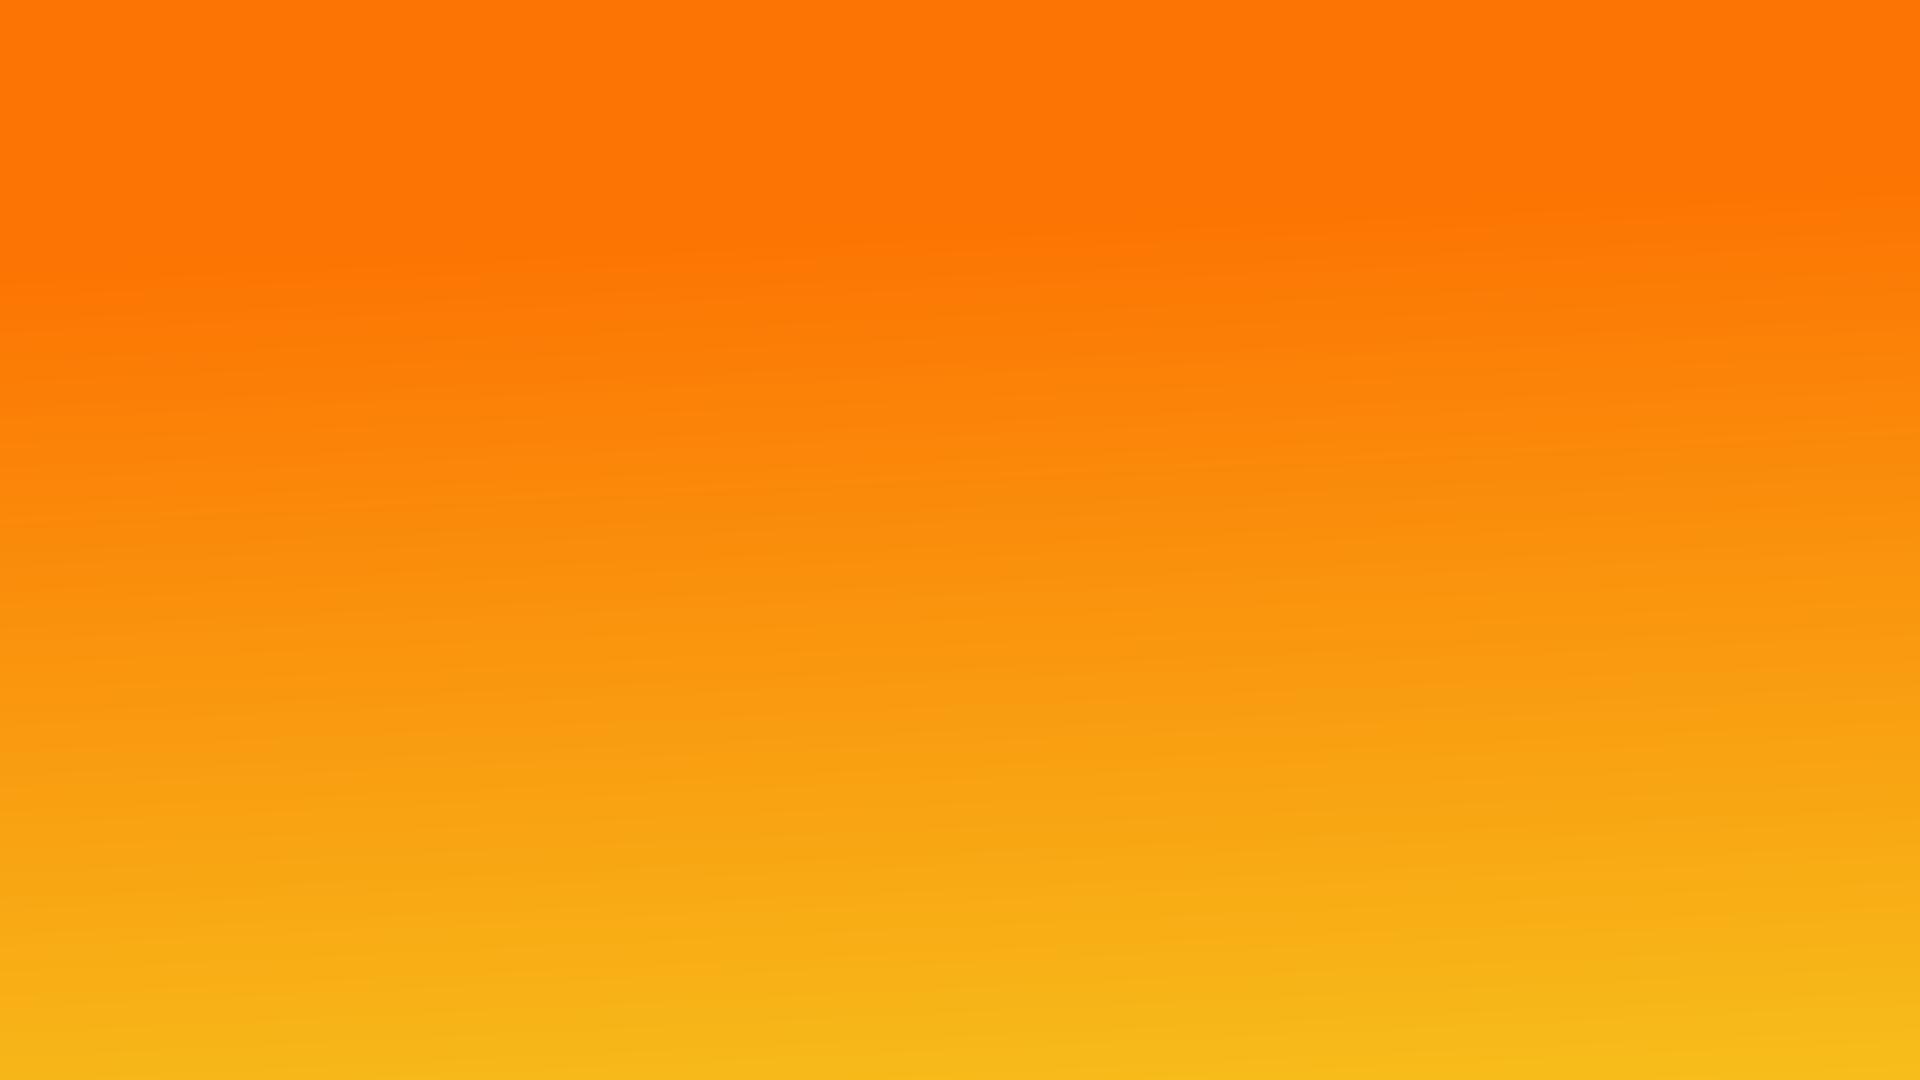 menucolor Gradient